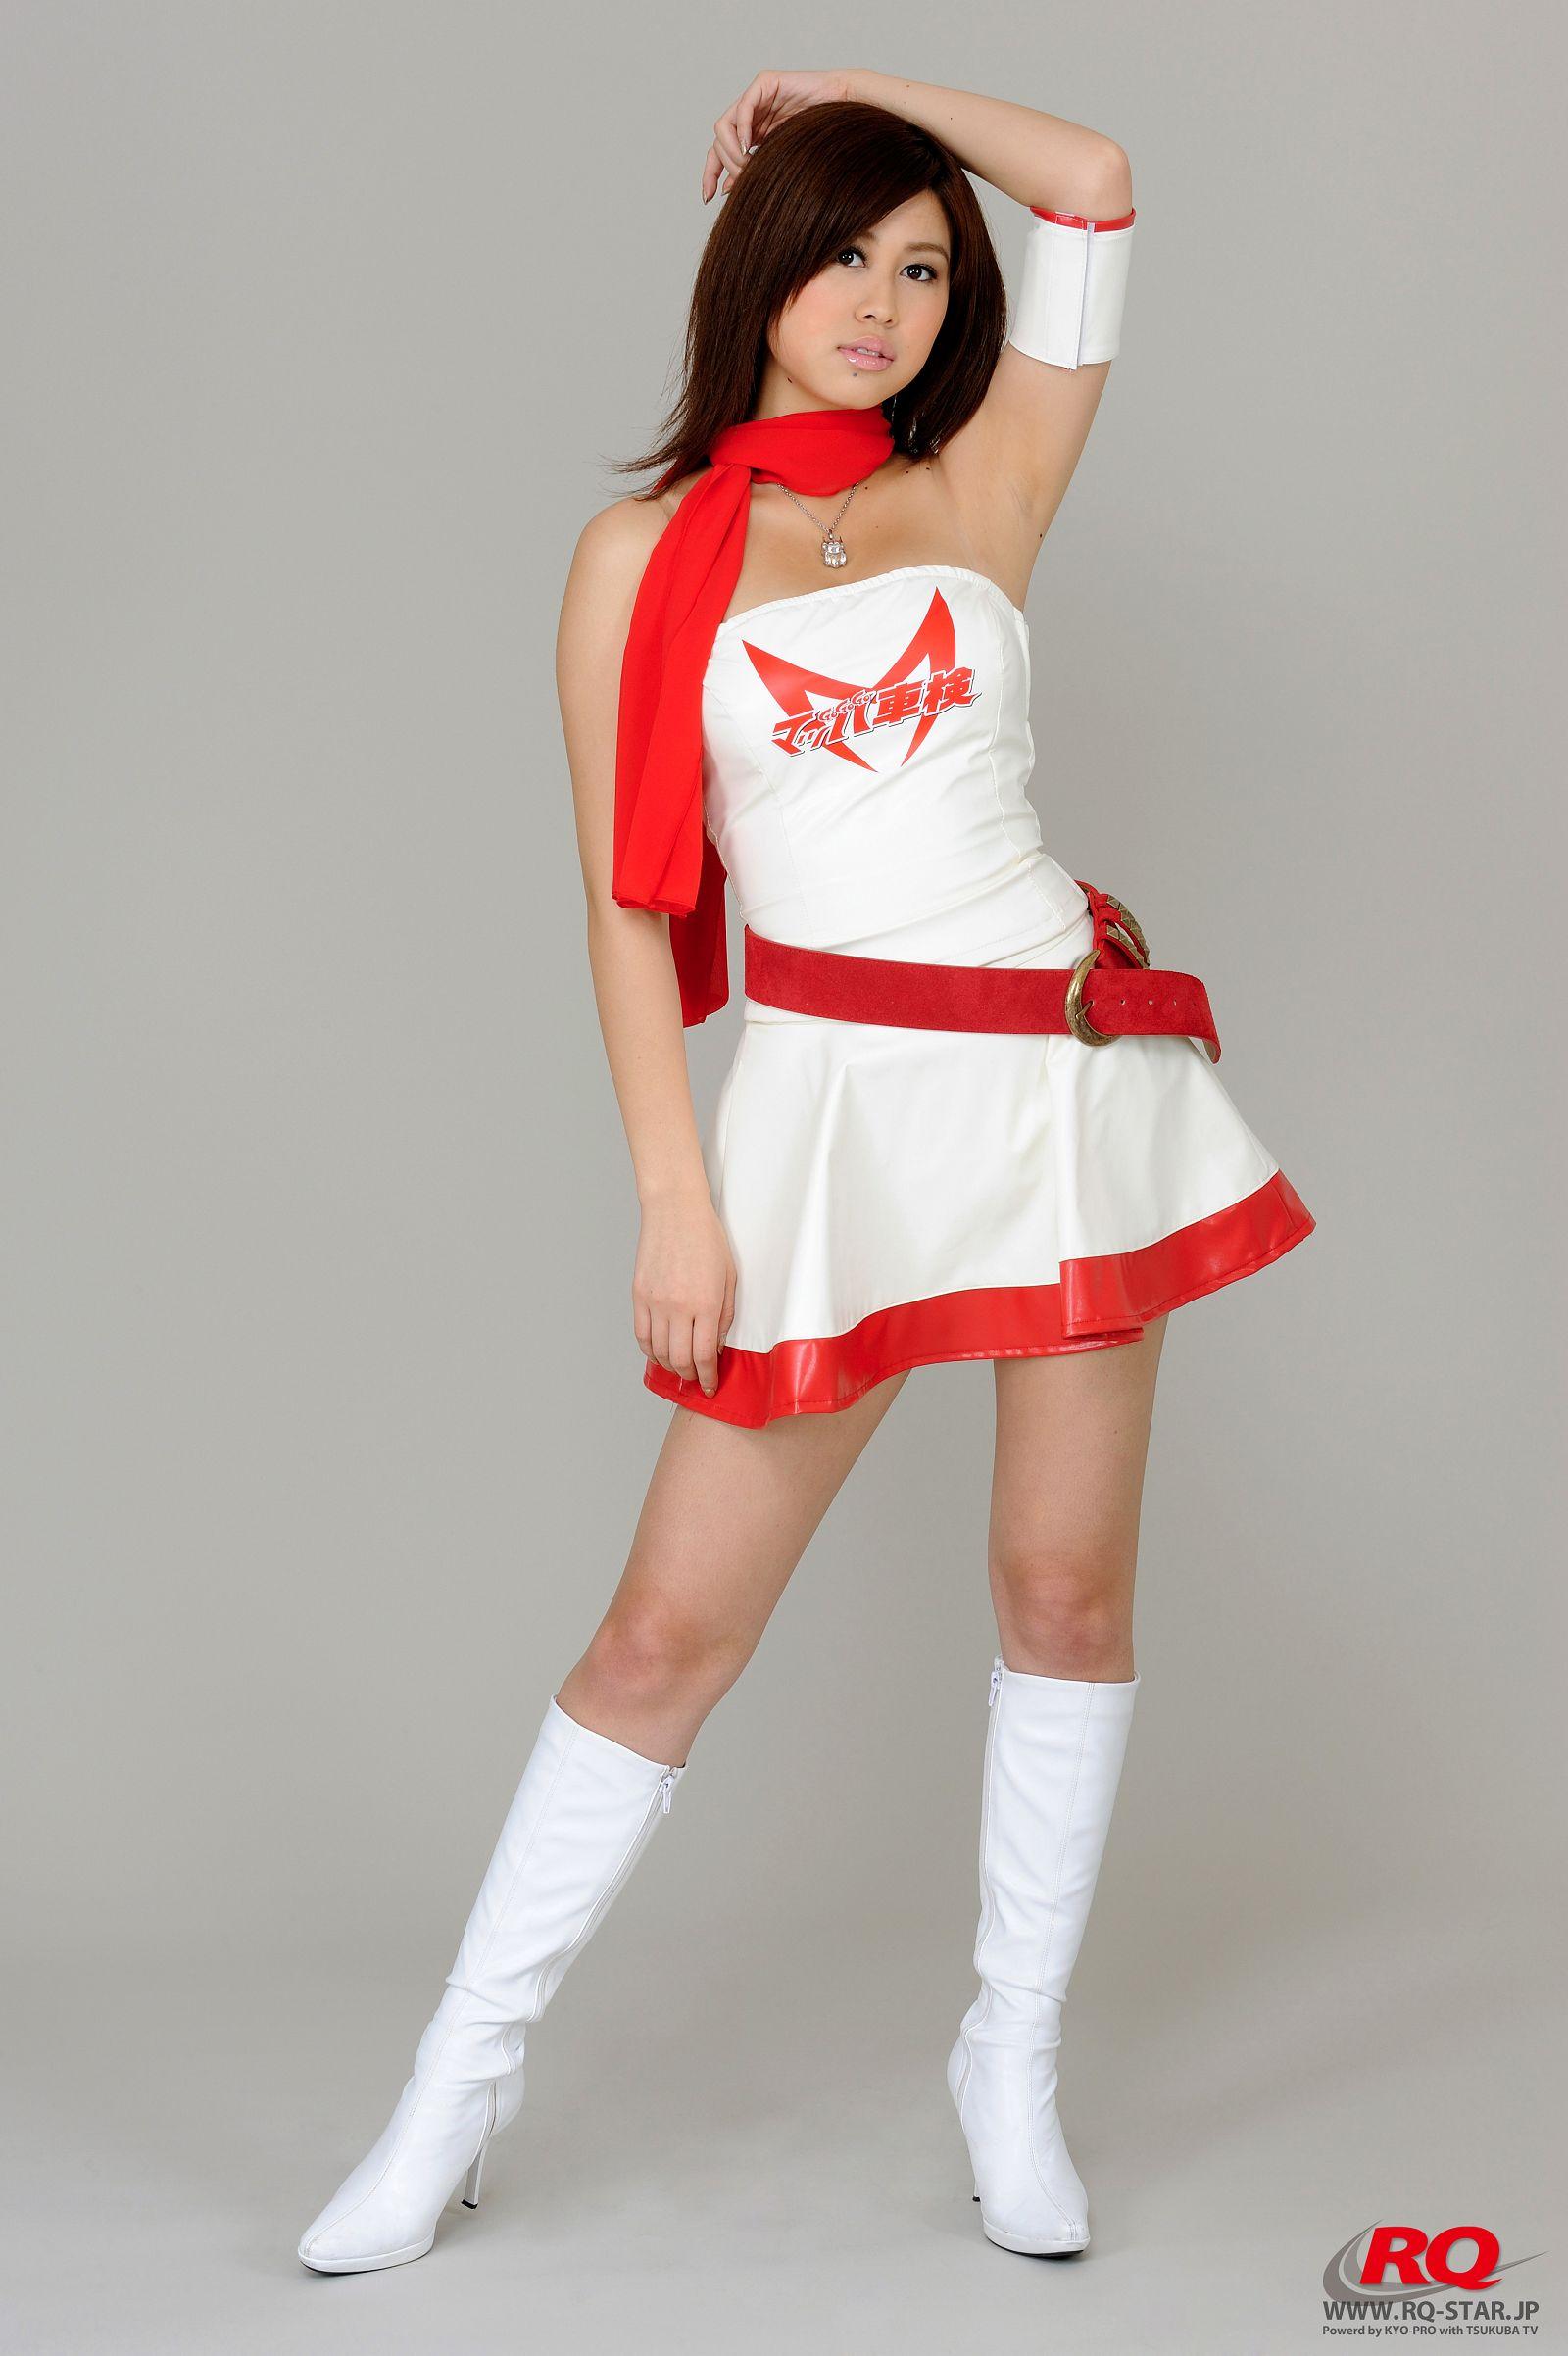 [RQ STAR美女] NO.0001 – Airi Nagasaku 永作あいり Race Queen – Team Mach #1[142P] RQ STAR 第3张